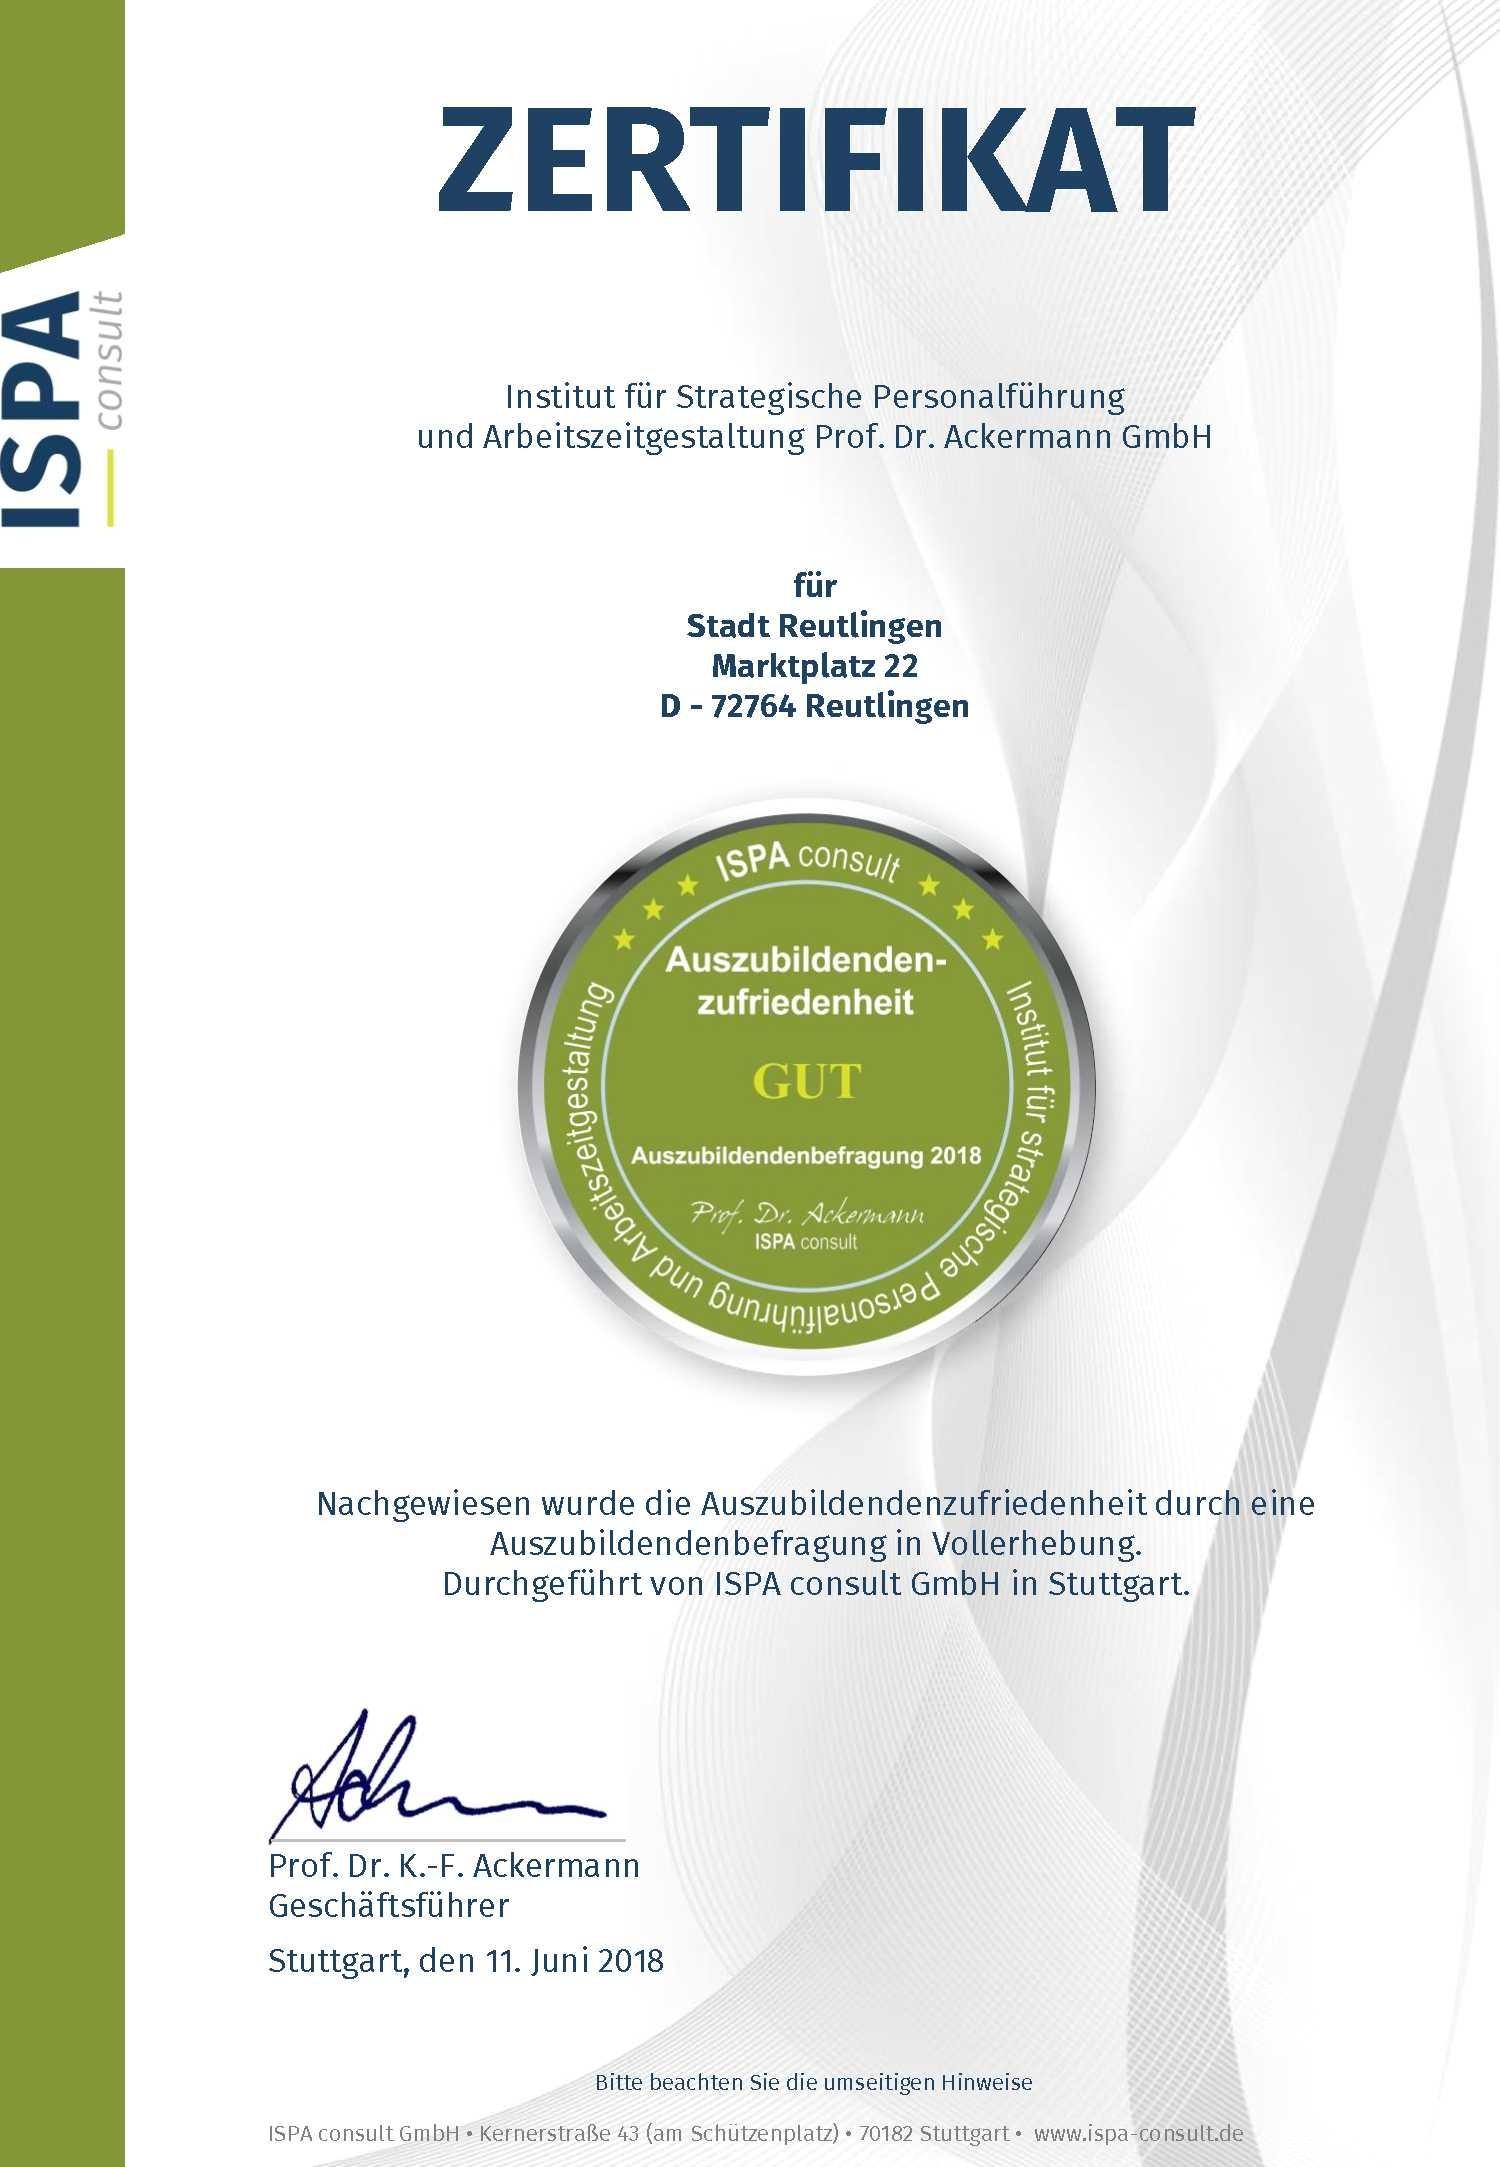 ISPA Zertifikat Auszubildendenzufriedenheit 2018